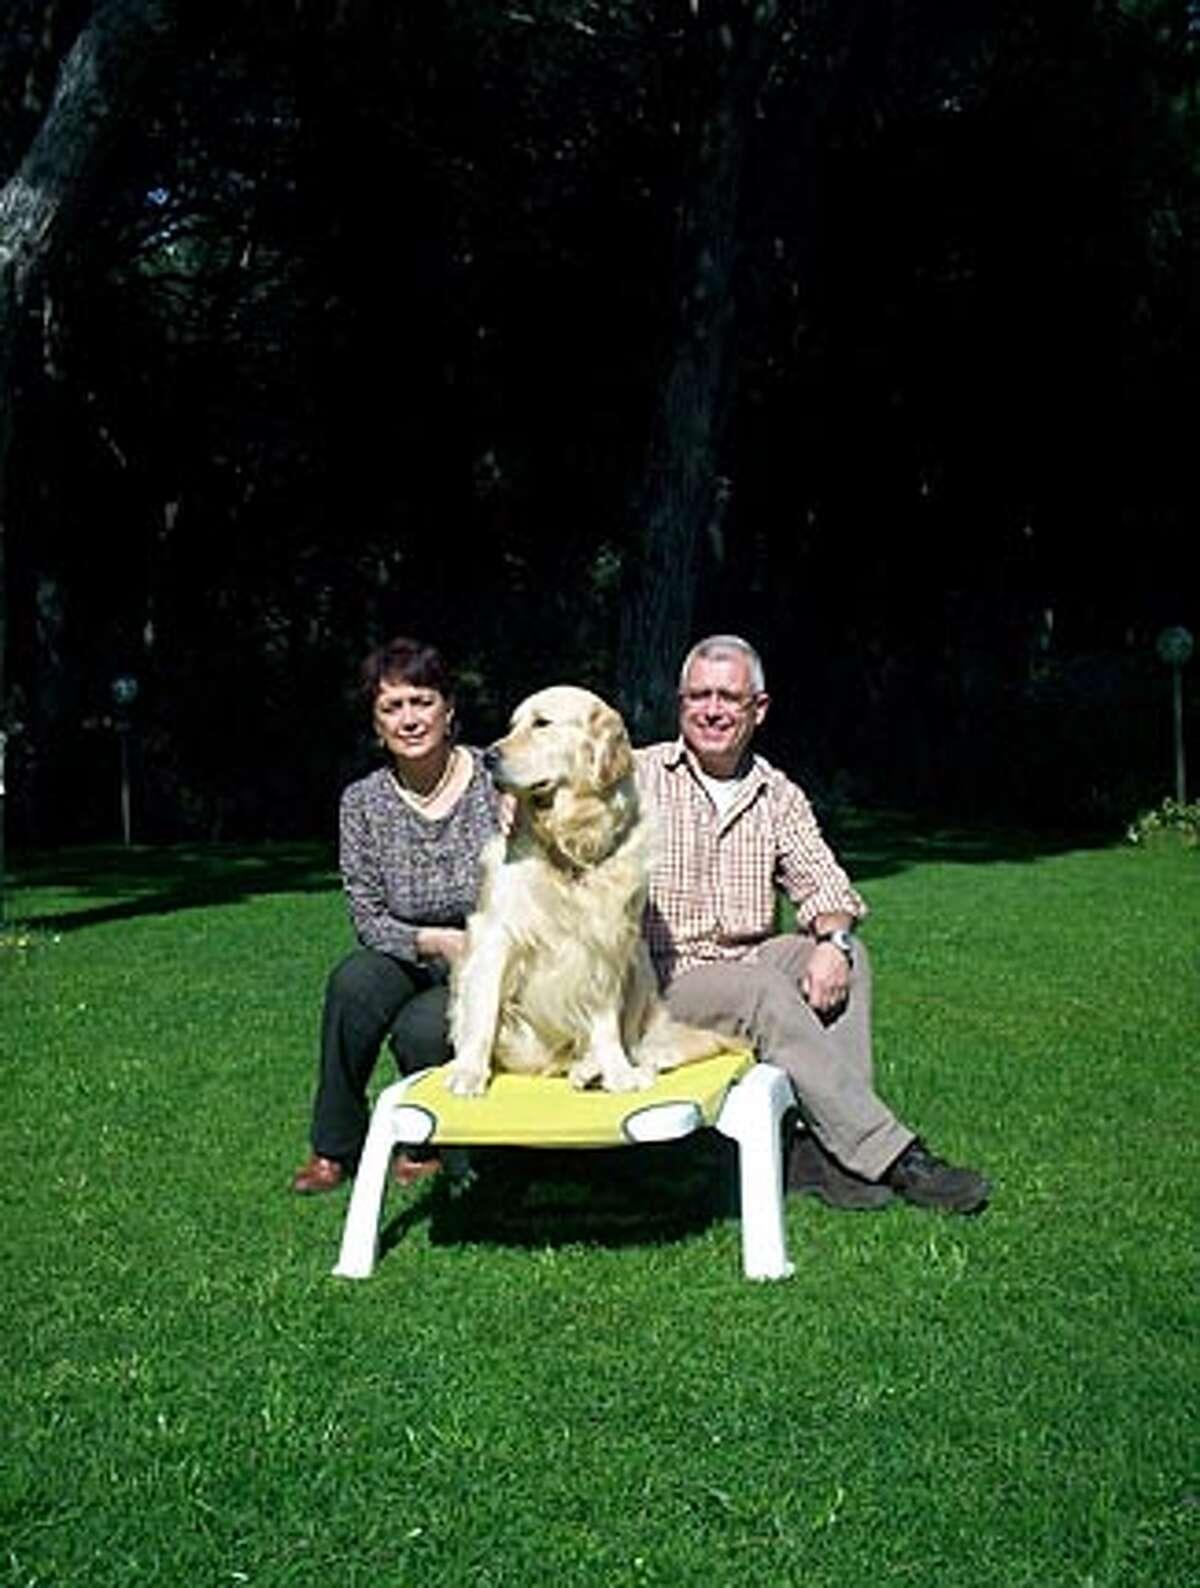 Elvia Romanin's villa on Ostia Lido, Italy.